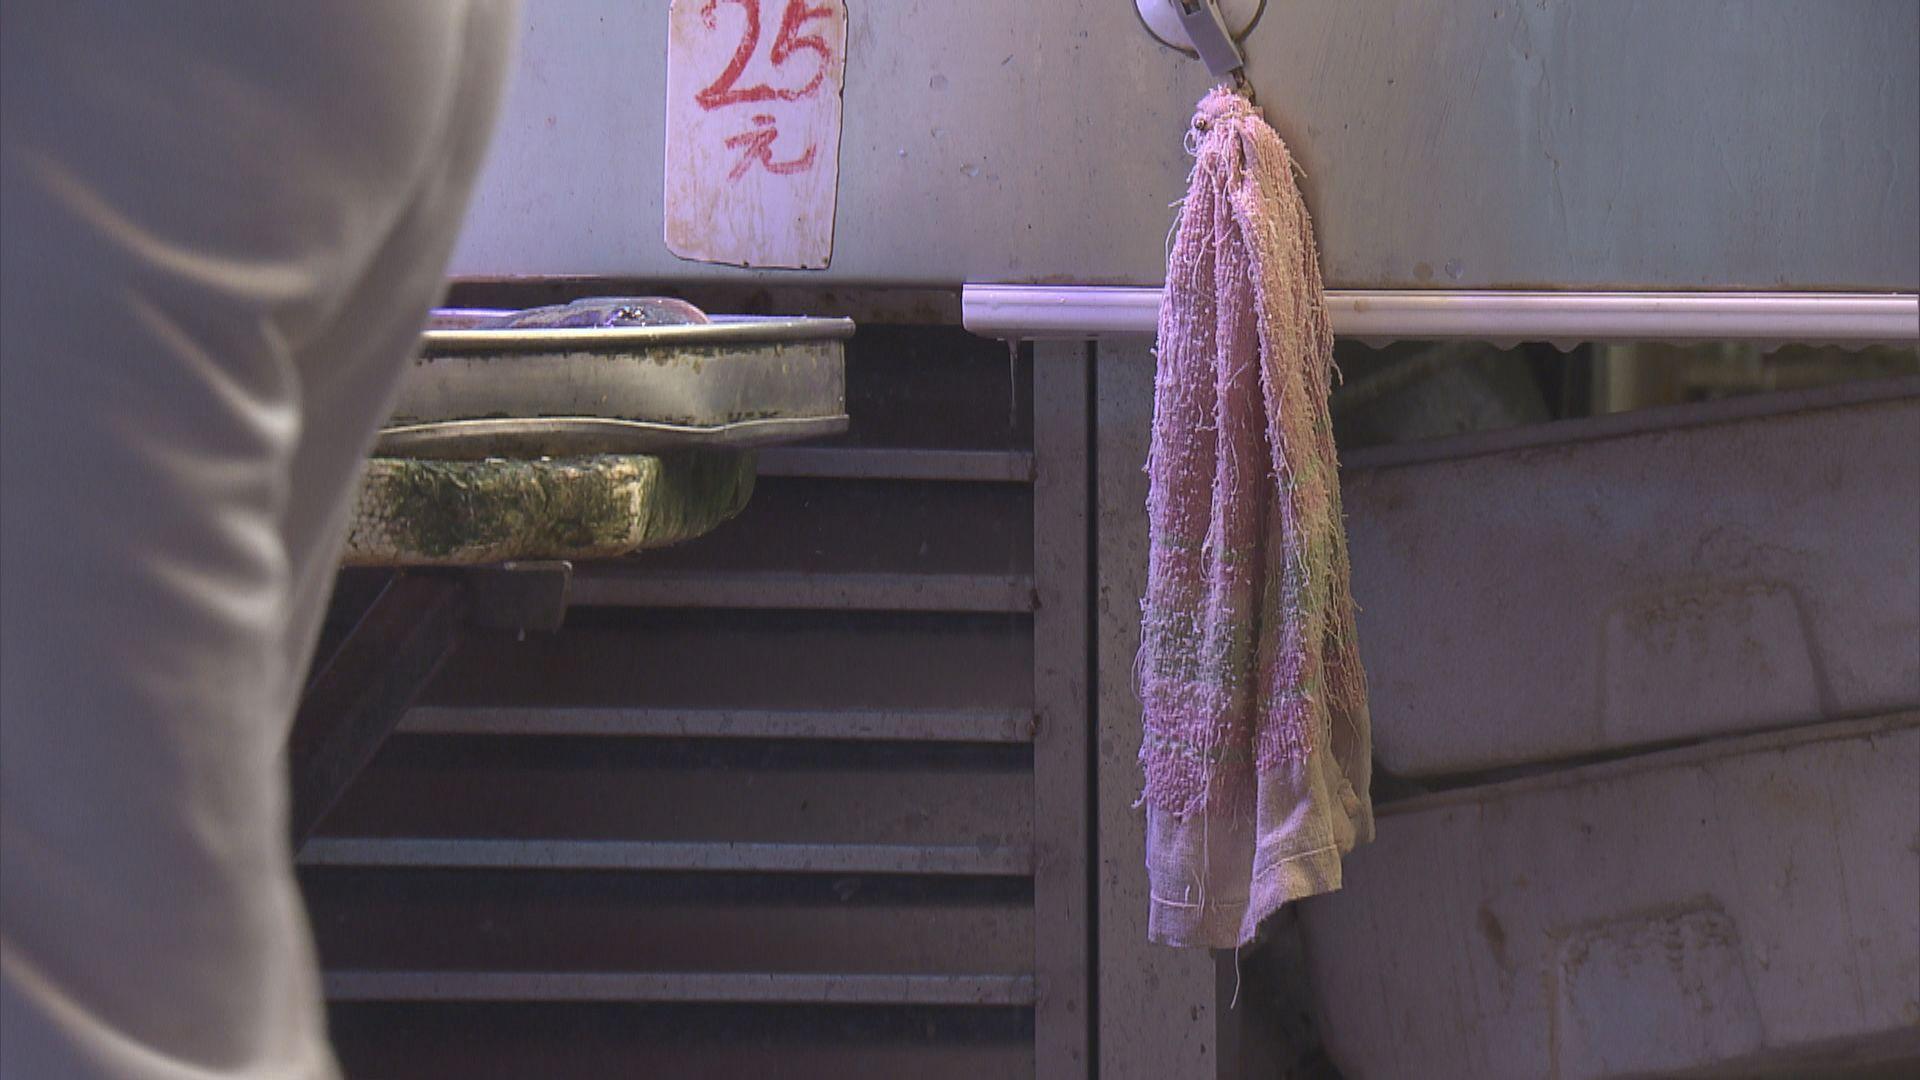 袁國勇:魚檔共用毛巾容易造成交叉感染